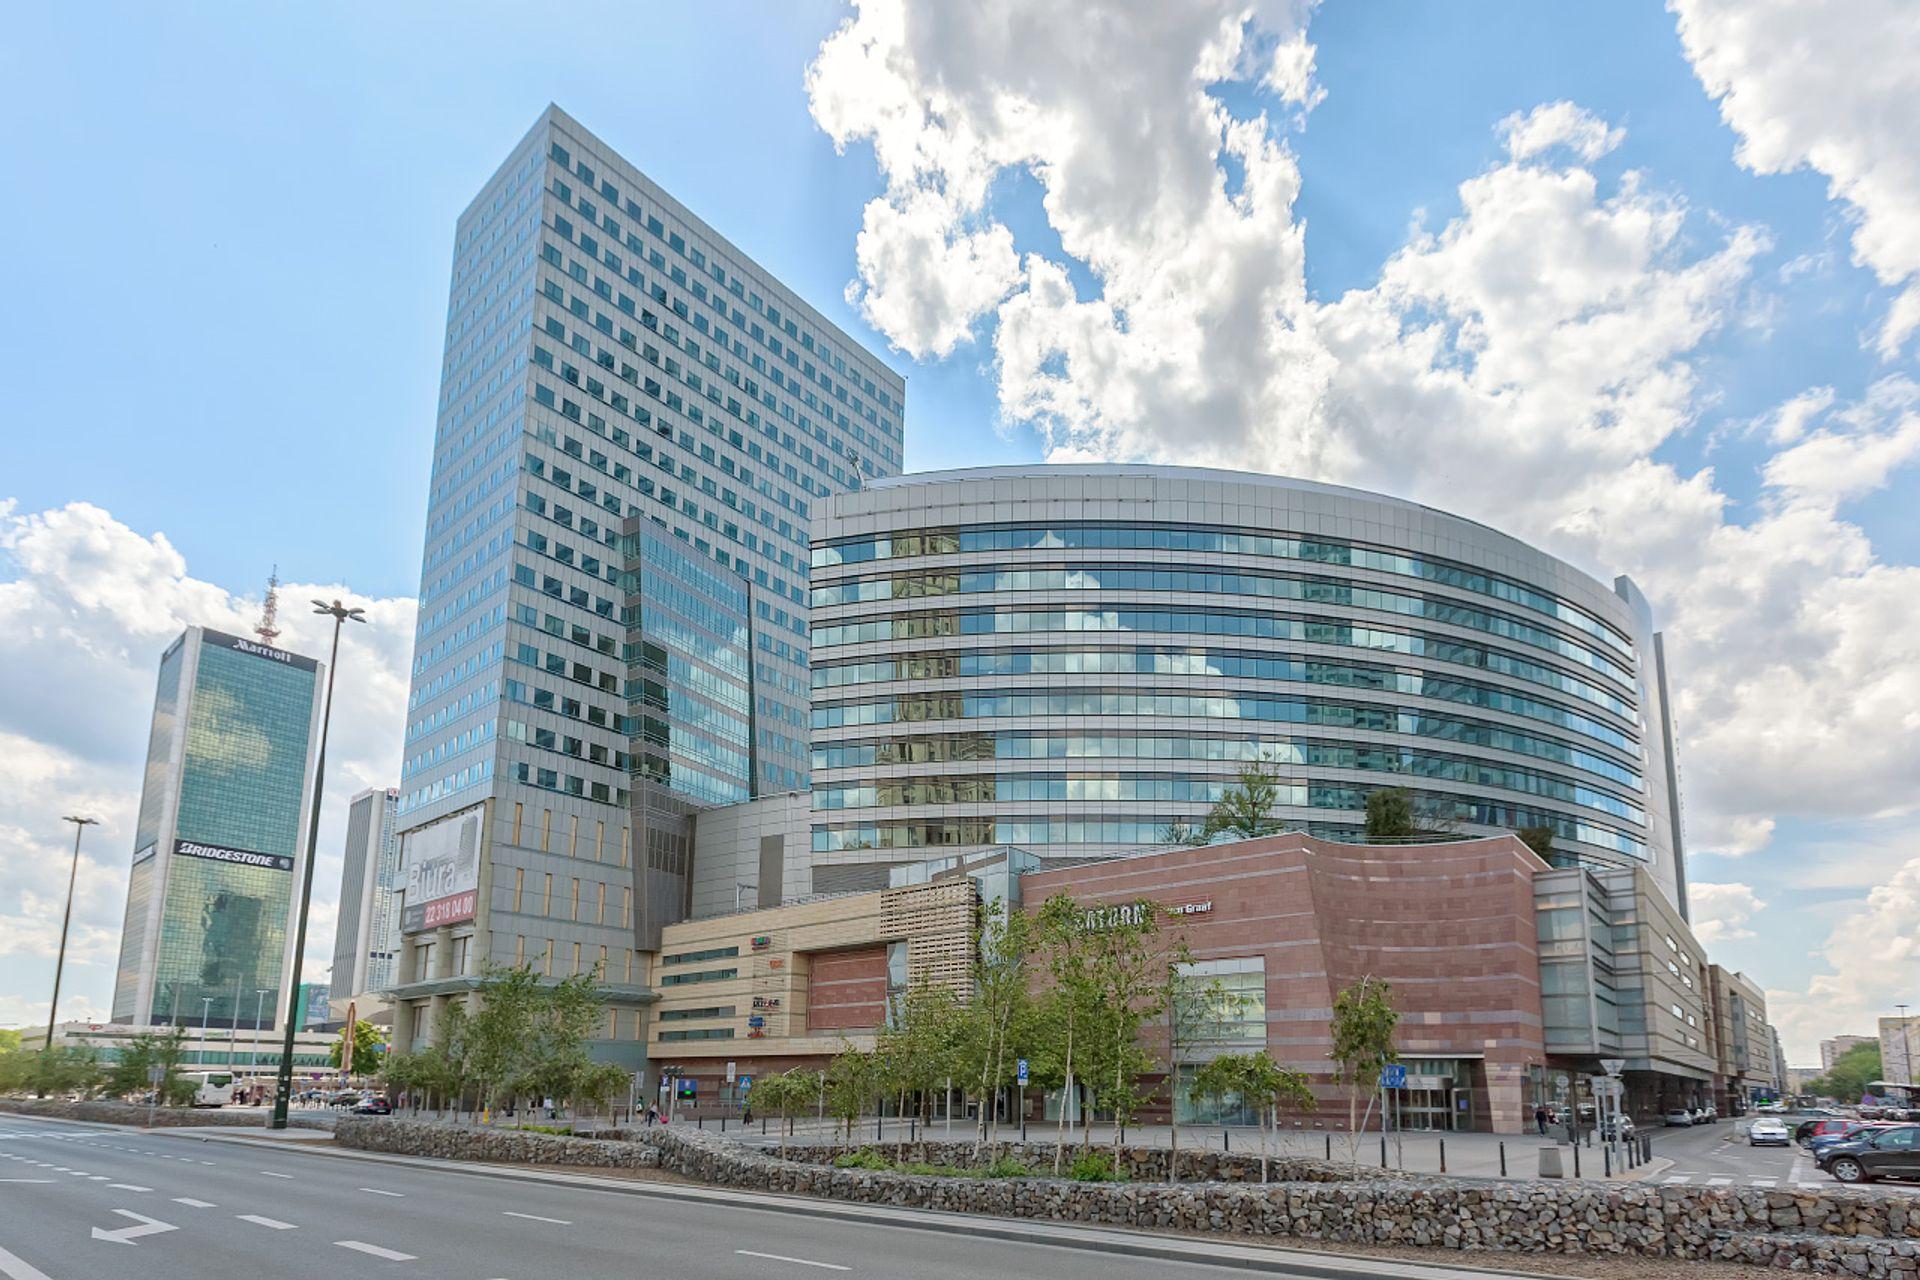 [Warszawa] Inoffice Group powiększa swoje biuro serwisowane w budynku Lumen